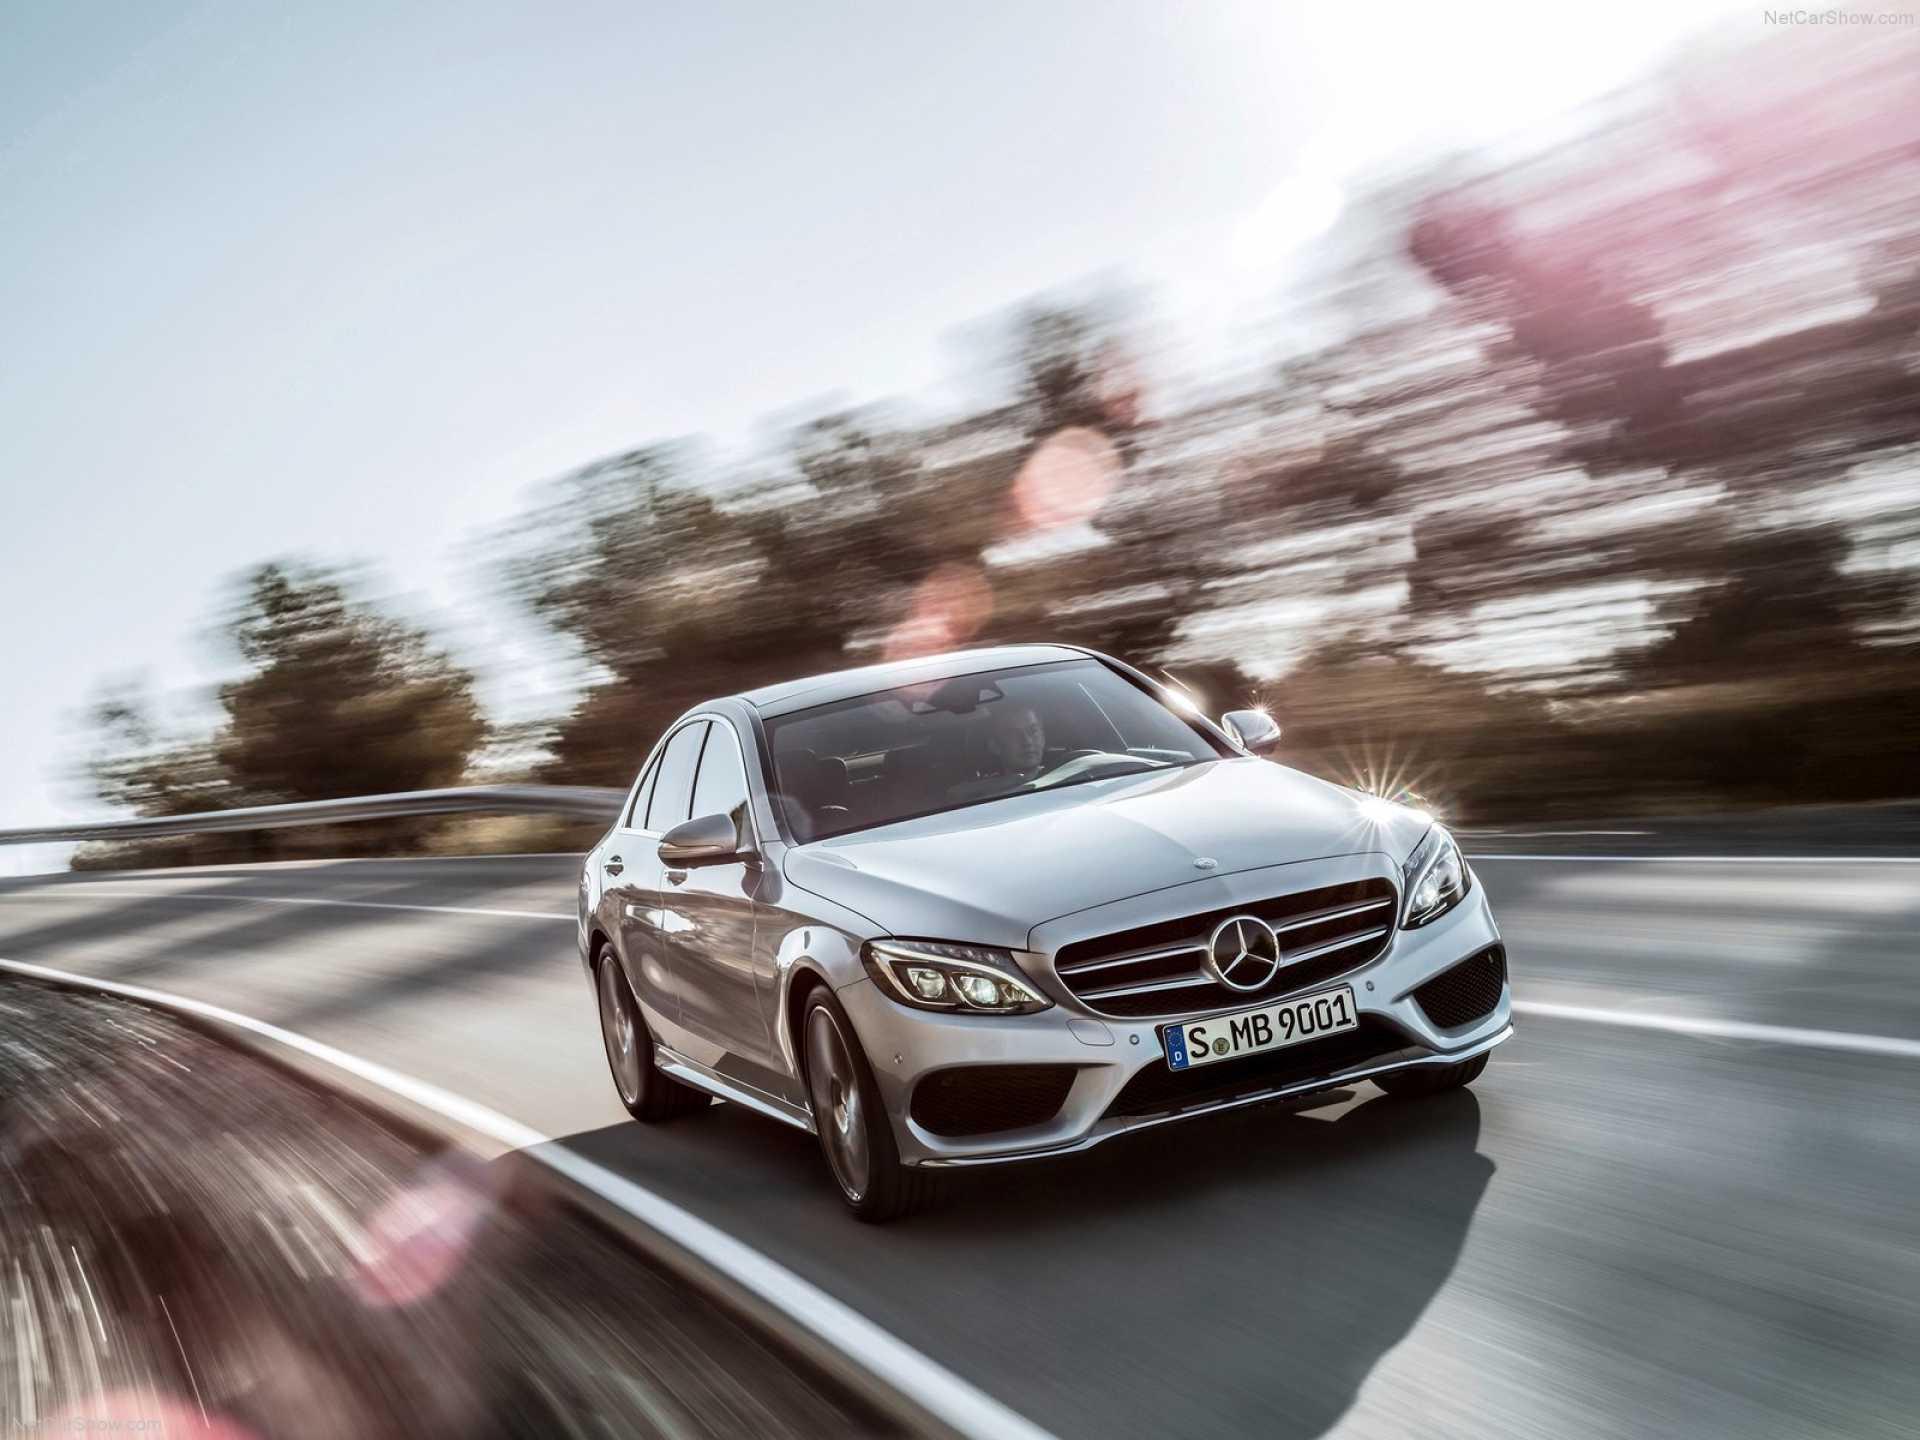 Mercedes benz C klasse limousine